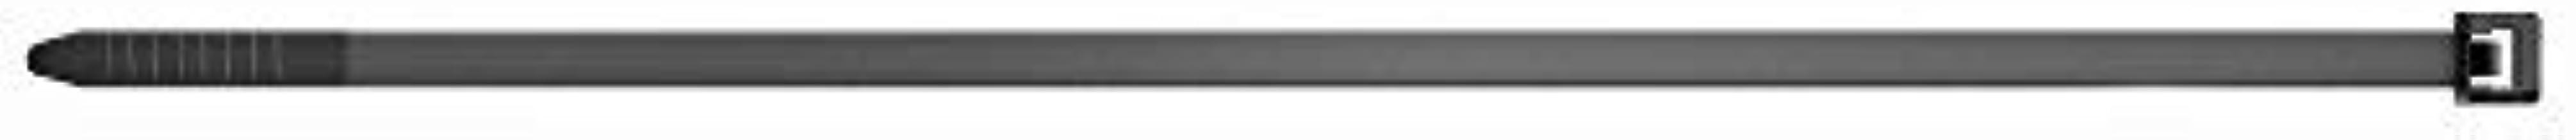 fischer Kabelbinders UBN 2,5 x 100 - Hoogwaardige kabelverbinders voor eenvoudige bundeling van kabels en buizen, zwart - ...